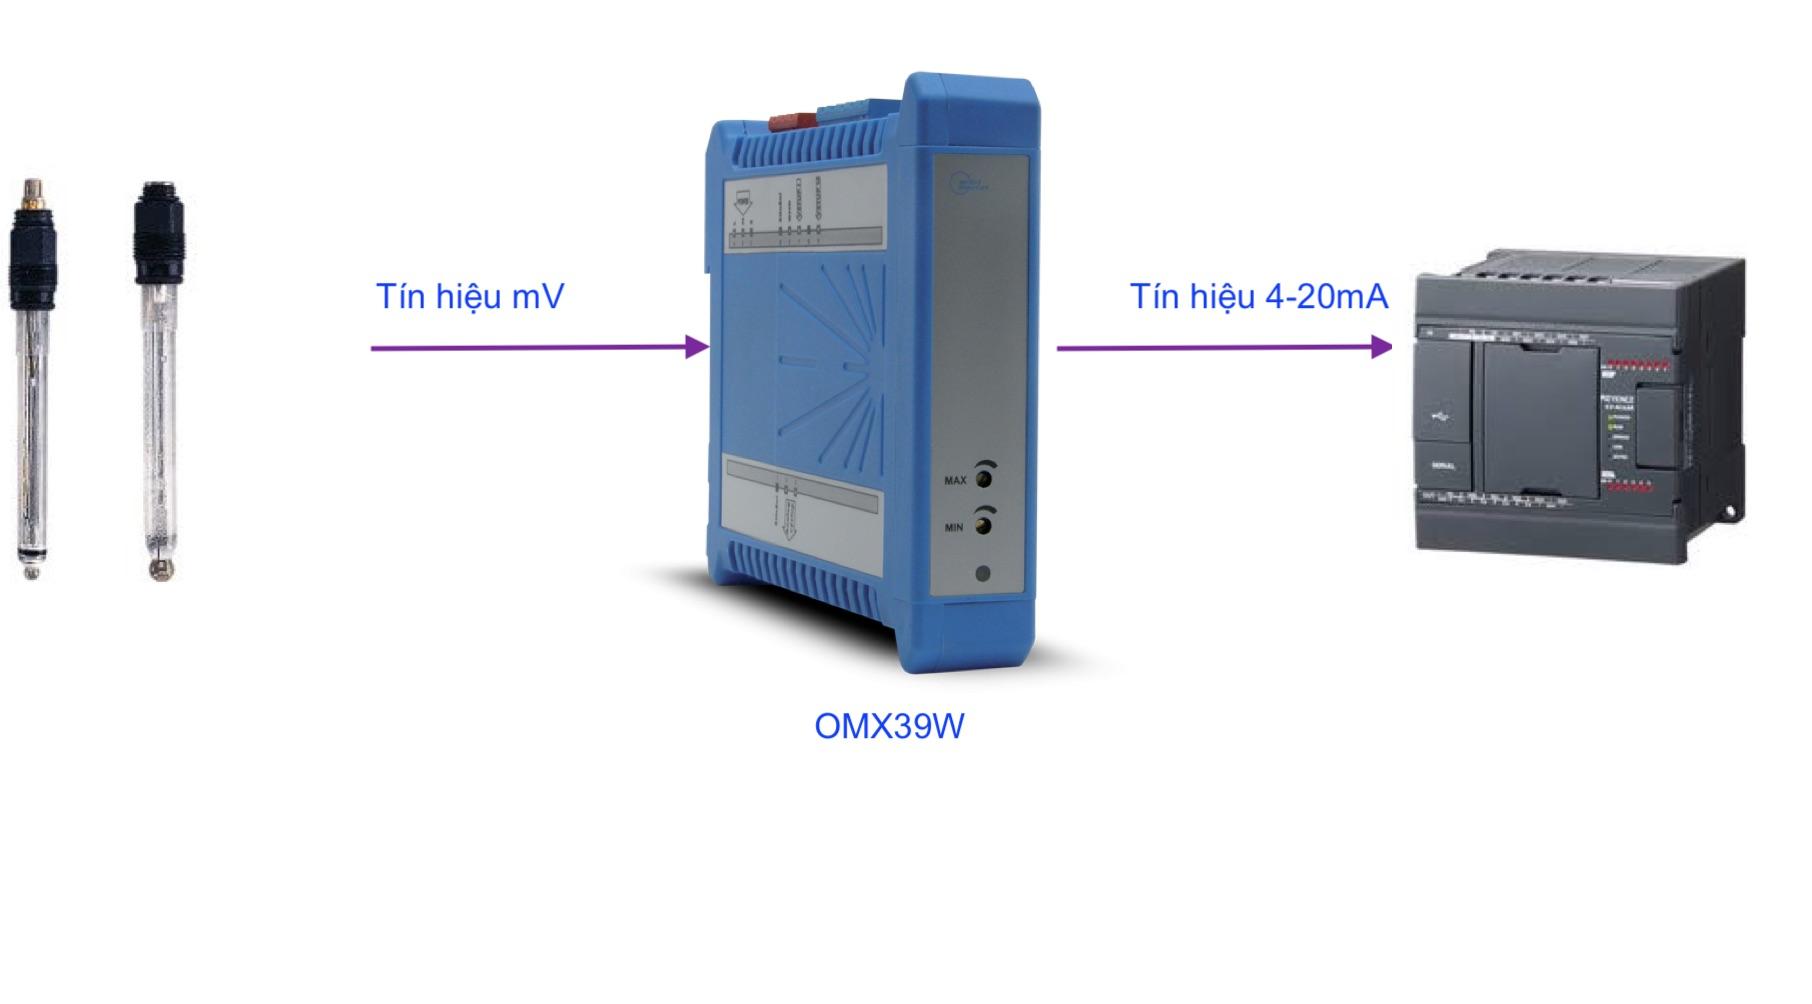 Bộ chuyển đổi tín hiệu mV sang 4-20ma OMX39W